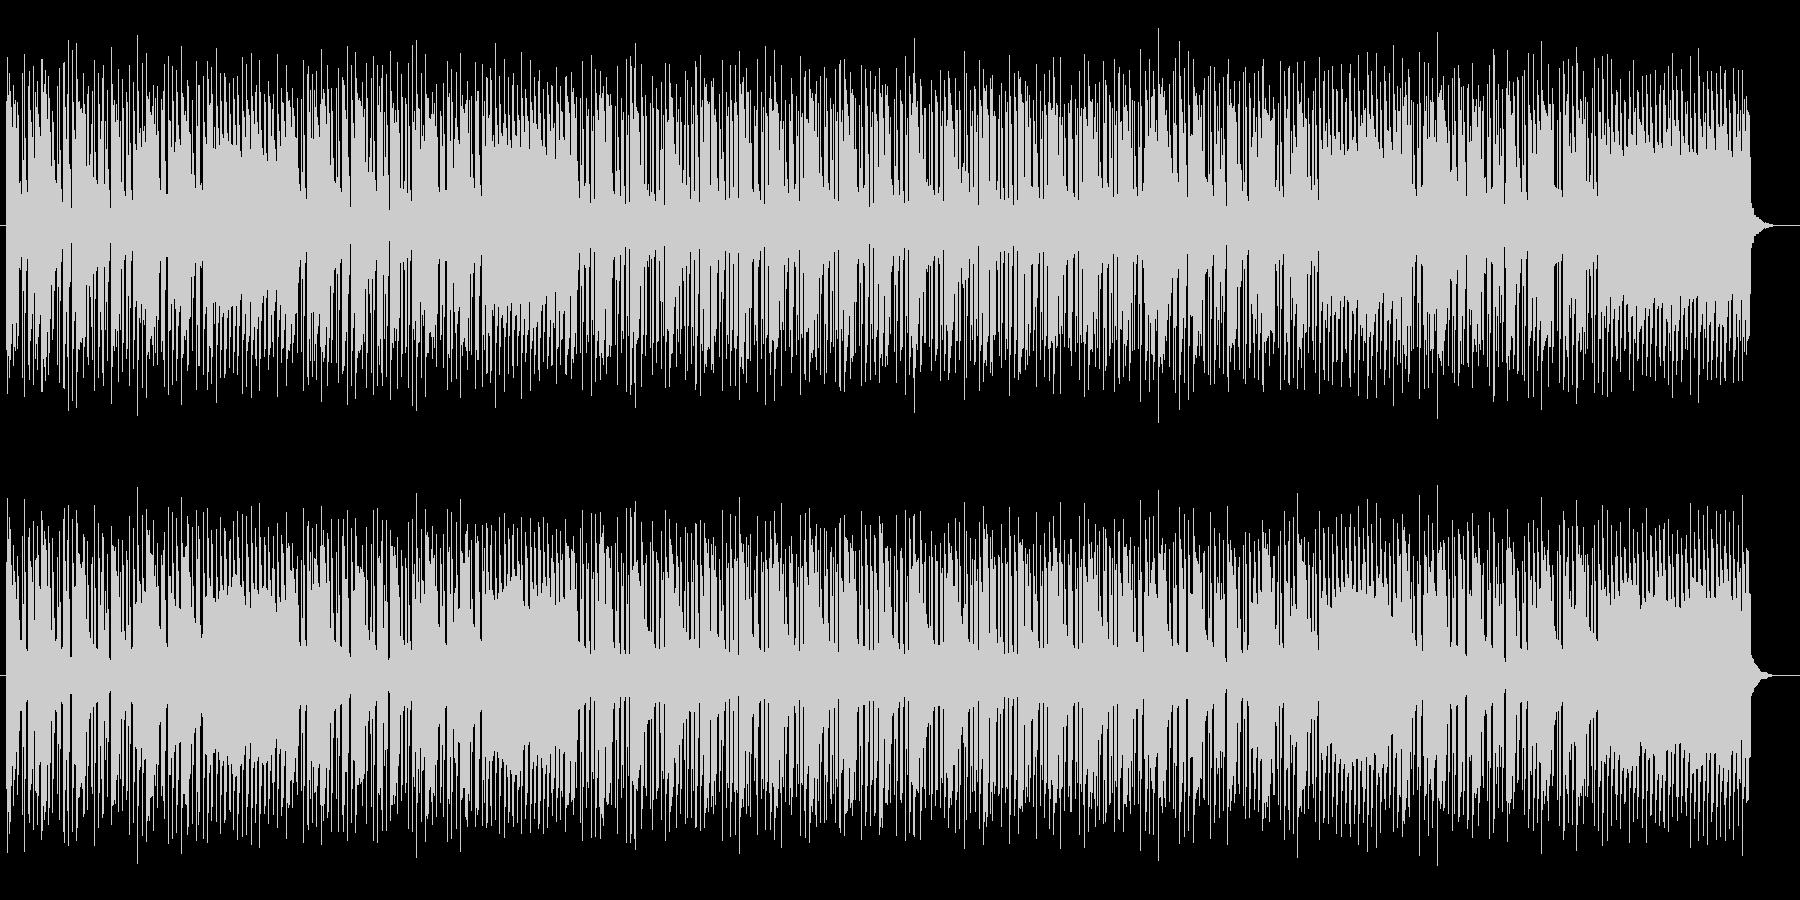 メロディアスでスローなミディアムサウンドの未再生の波形